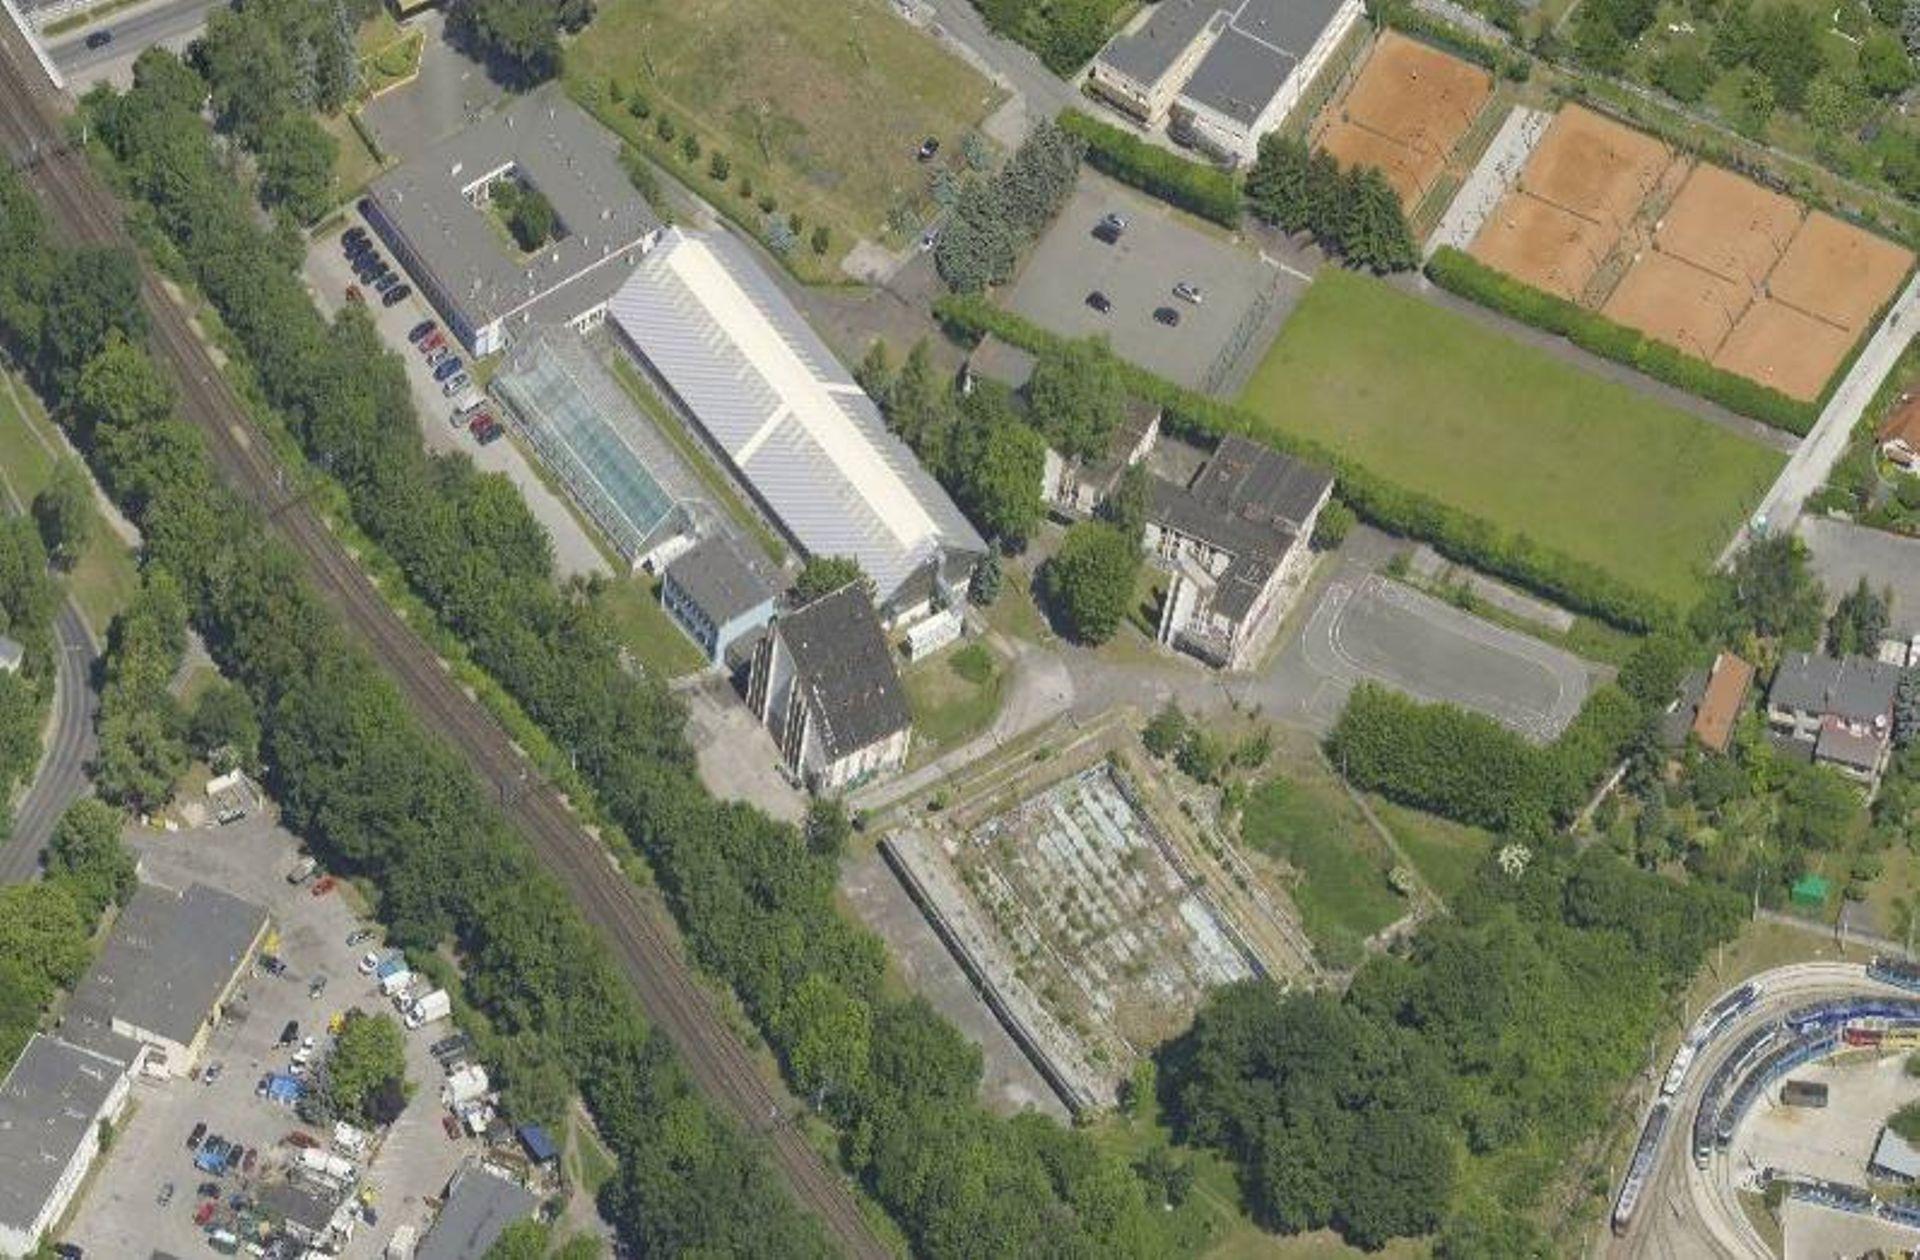 Nowa hala sportowa powstająca w miejscu dawnych basenów przy ulicy Racławickiej zostanie wybudowana w terminie